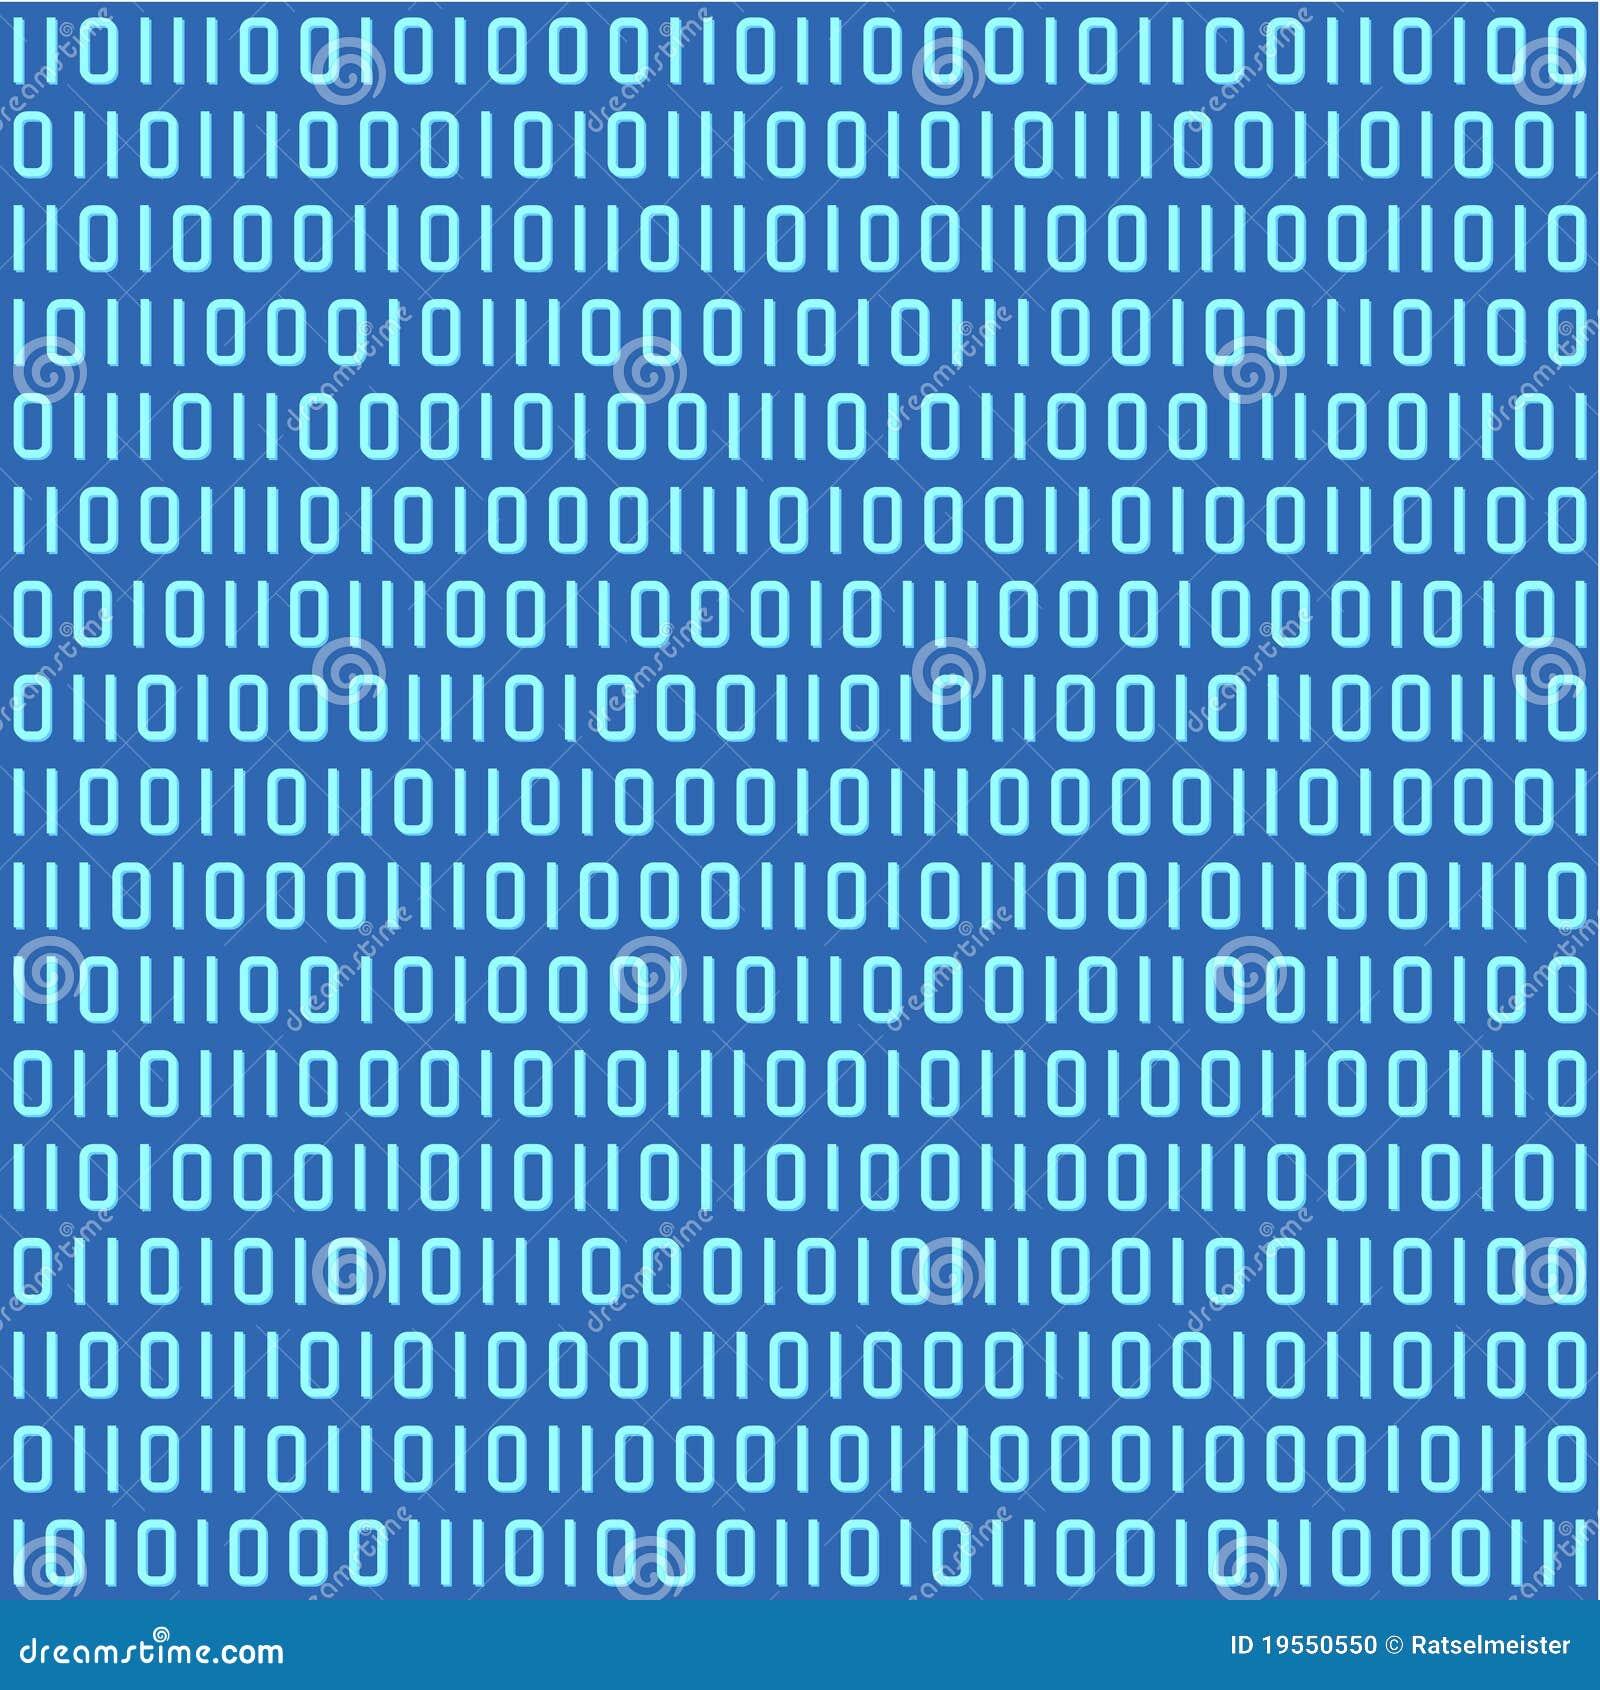 binary code seamless pattern stock photo